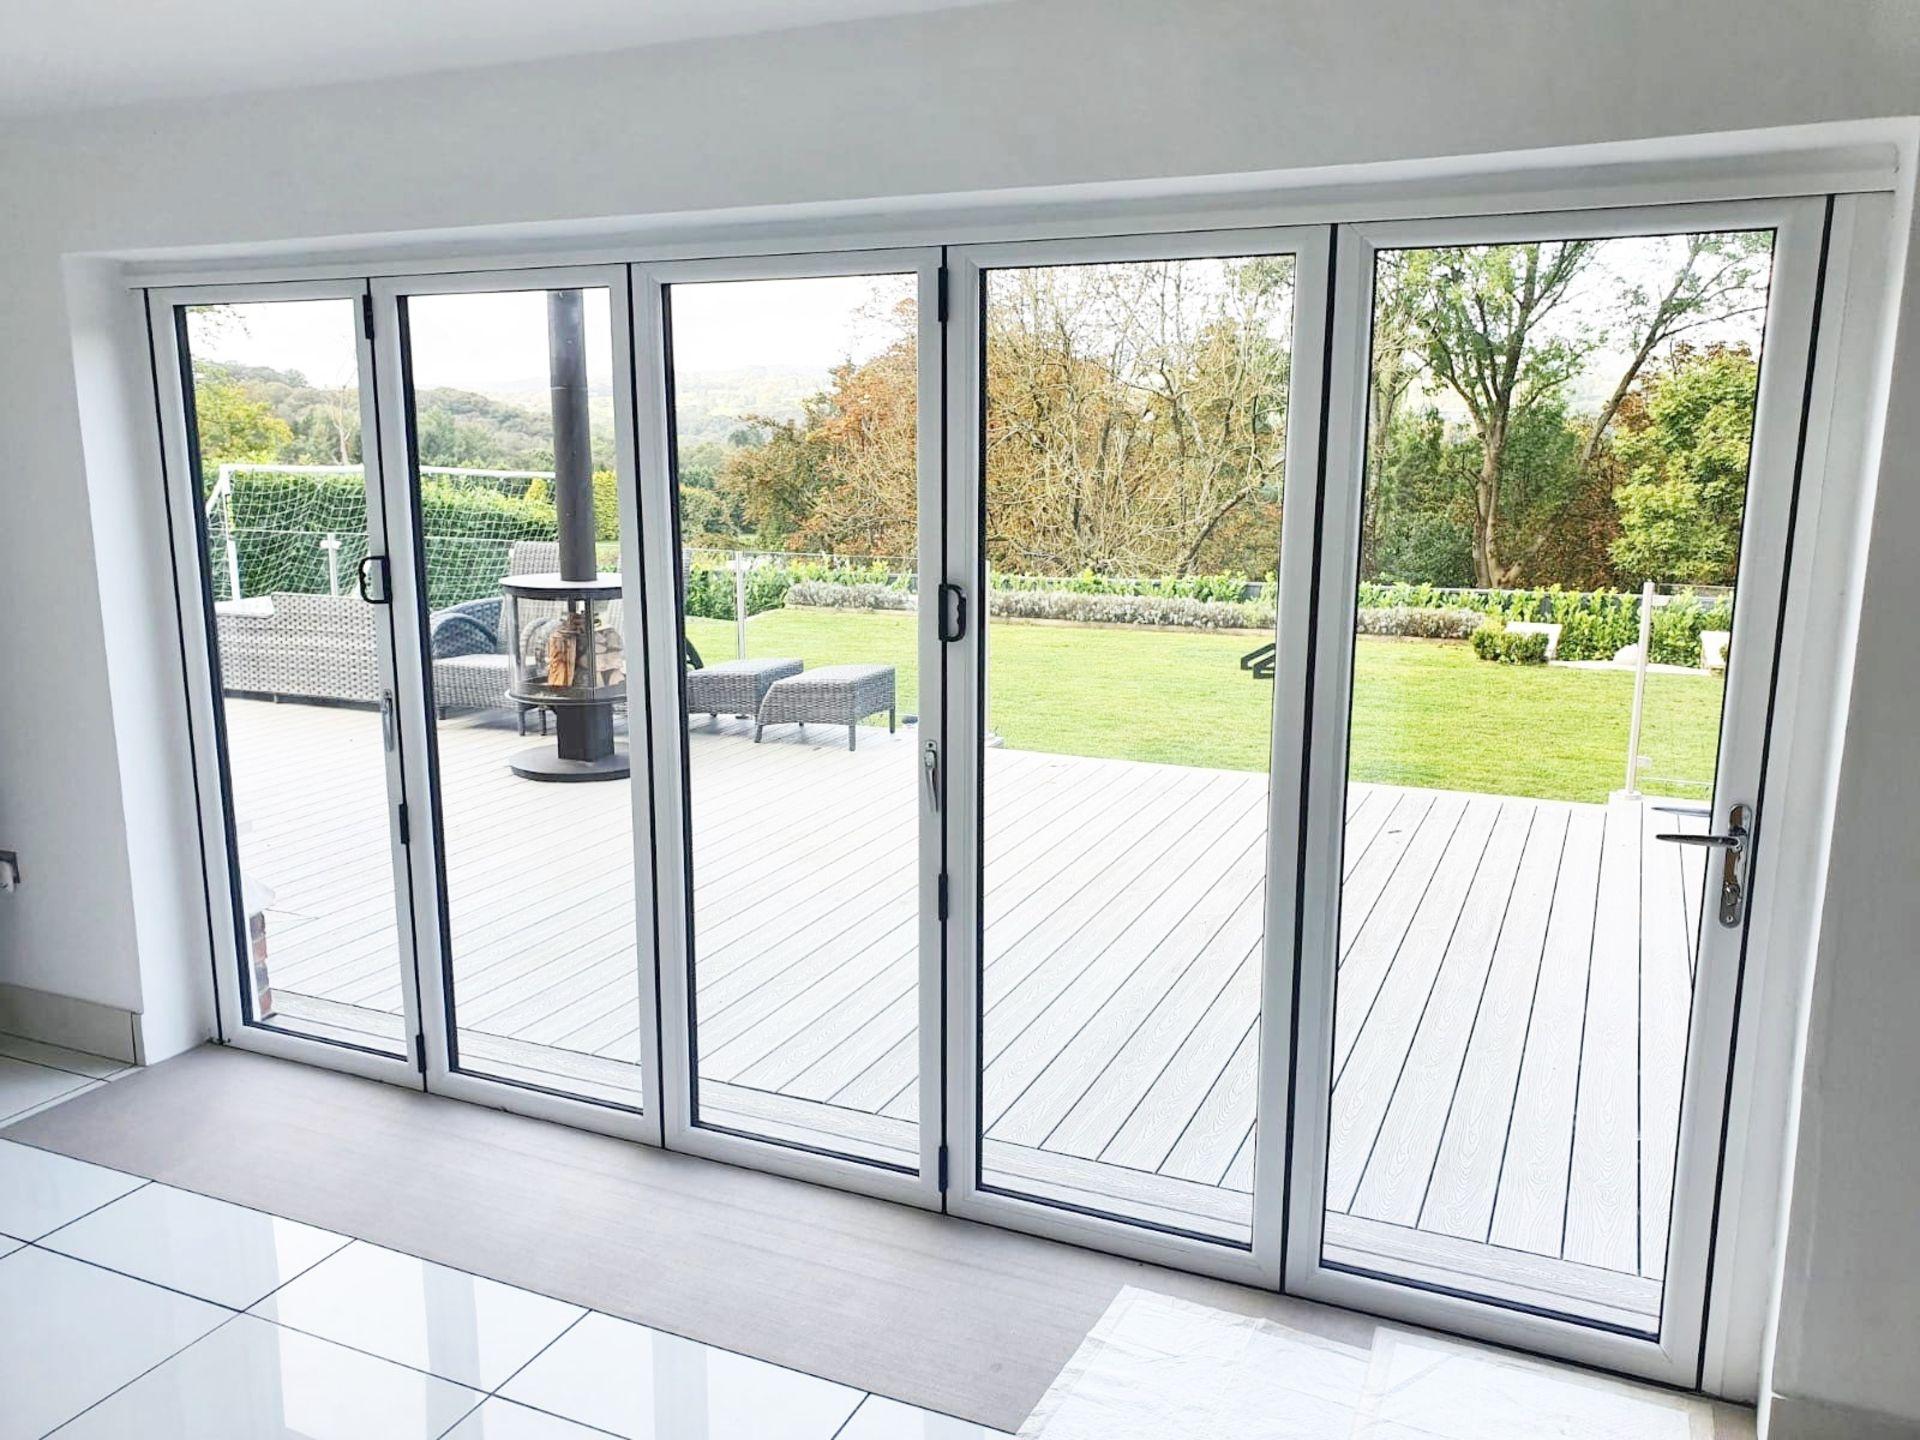 1 x Slide And Fold Bi Fold Doors Including Frames - CL685 - Location: Blackburn BB6 - NO VAT On